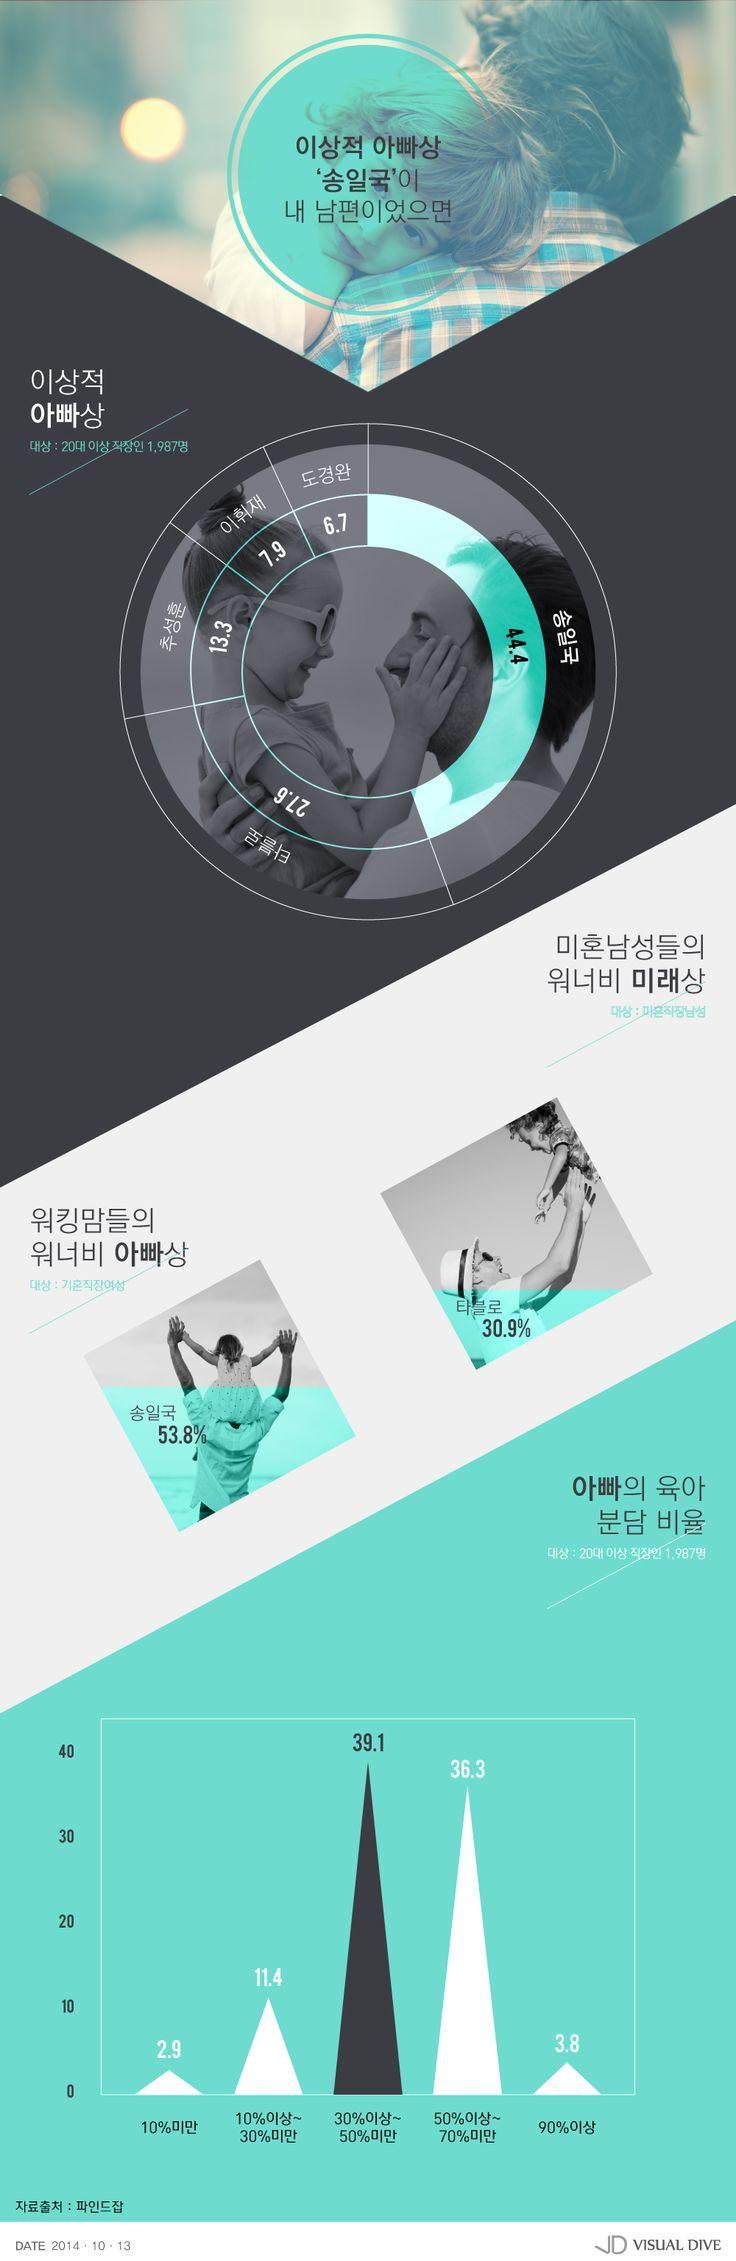 '이상적인 아빠상' 워킹맘은 송일국, 미혼男은 타블로 [인포그래픽] #Father / #Infographic ⓒ 비주얼다이브 무단 복사·전재·재배포 금지